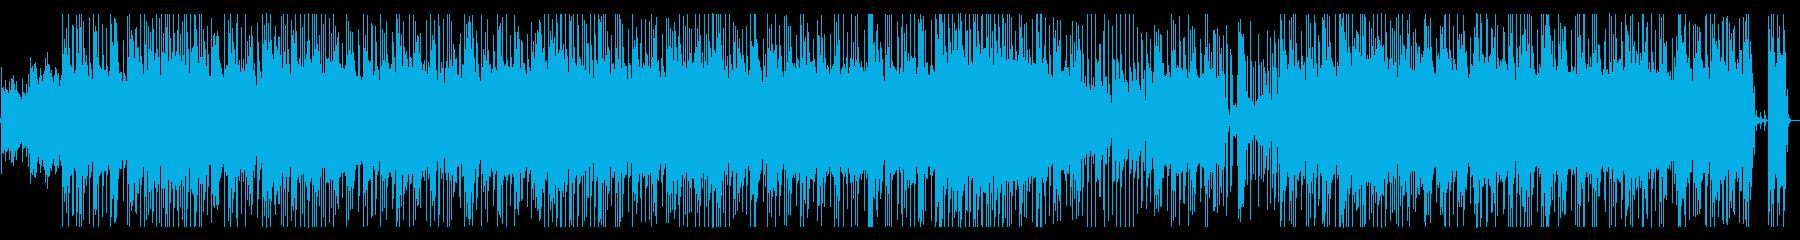 ヘビーなサウンドのハードロックの再生済みの波形